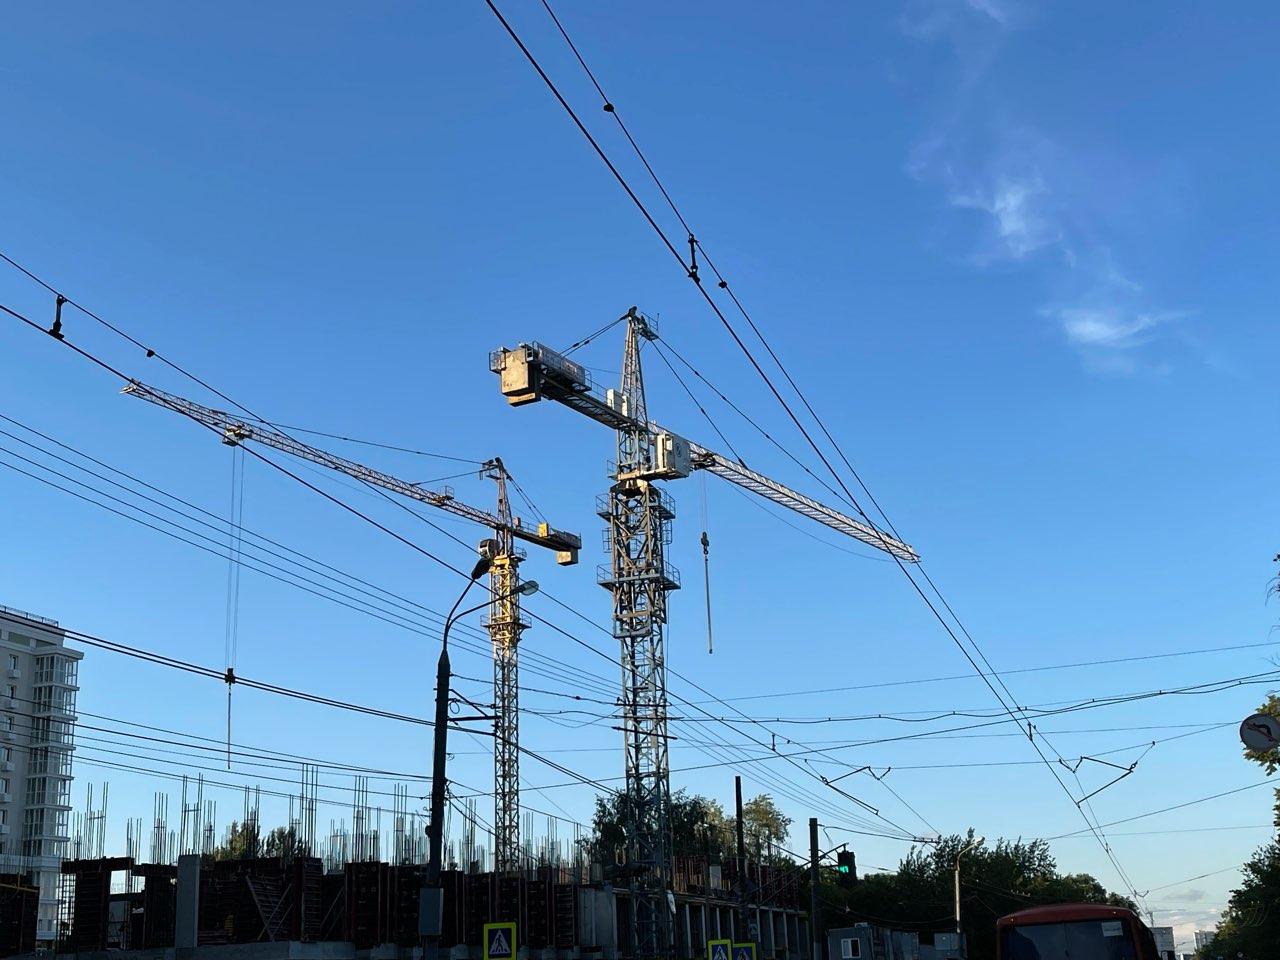 «Мостопроектстрой» возведет дом для пострадавших от взрыва на Краснадонцев  - фото 1